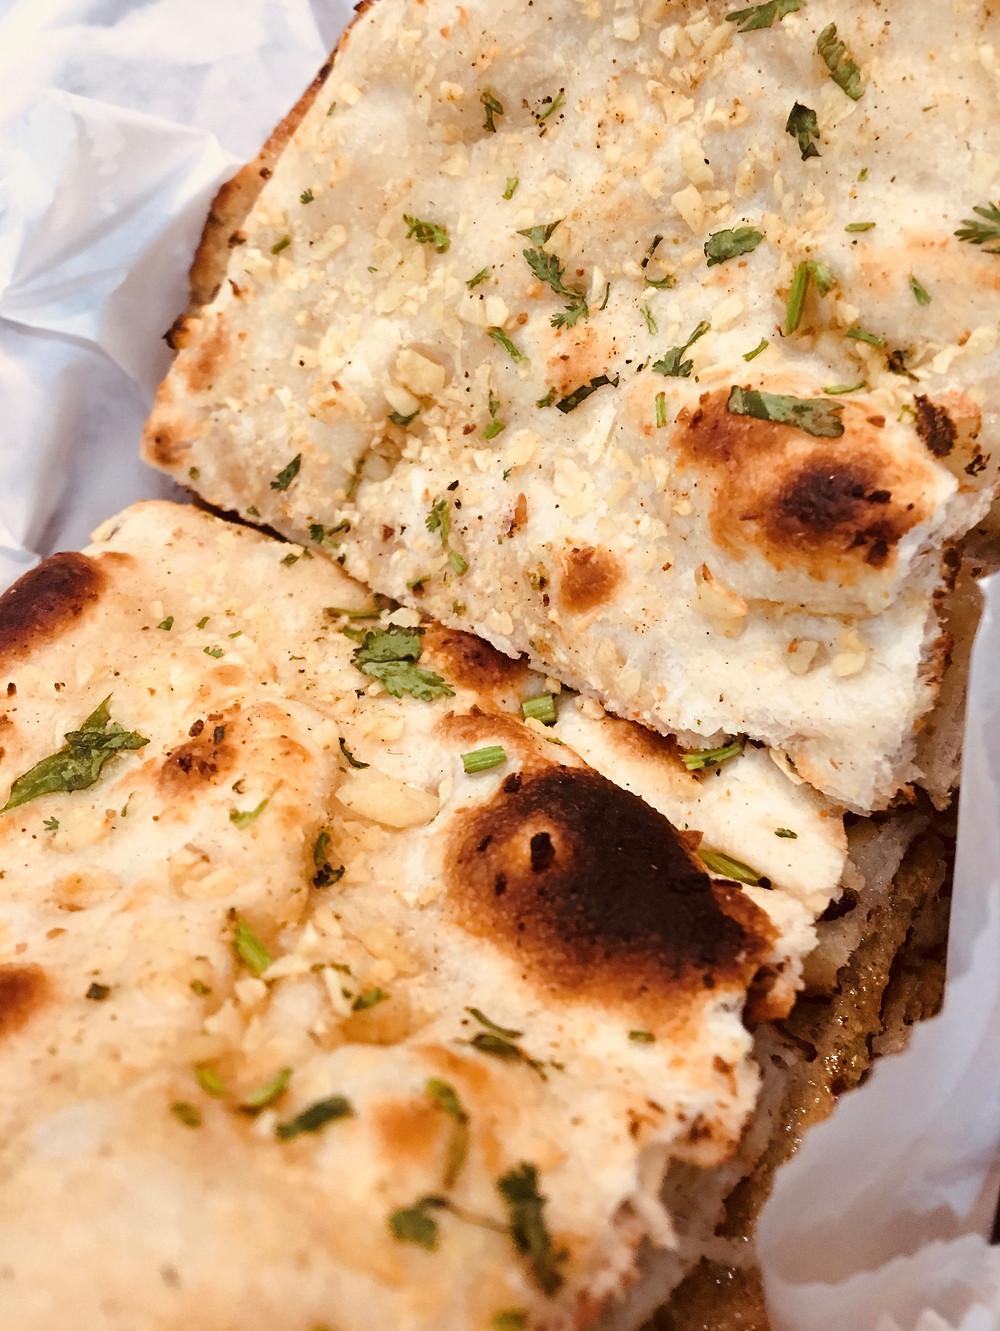 Naan flatbread from Nawab